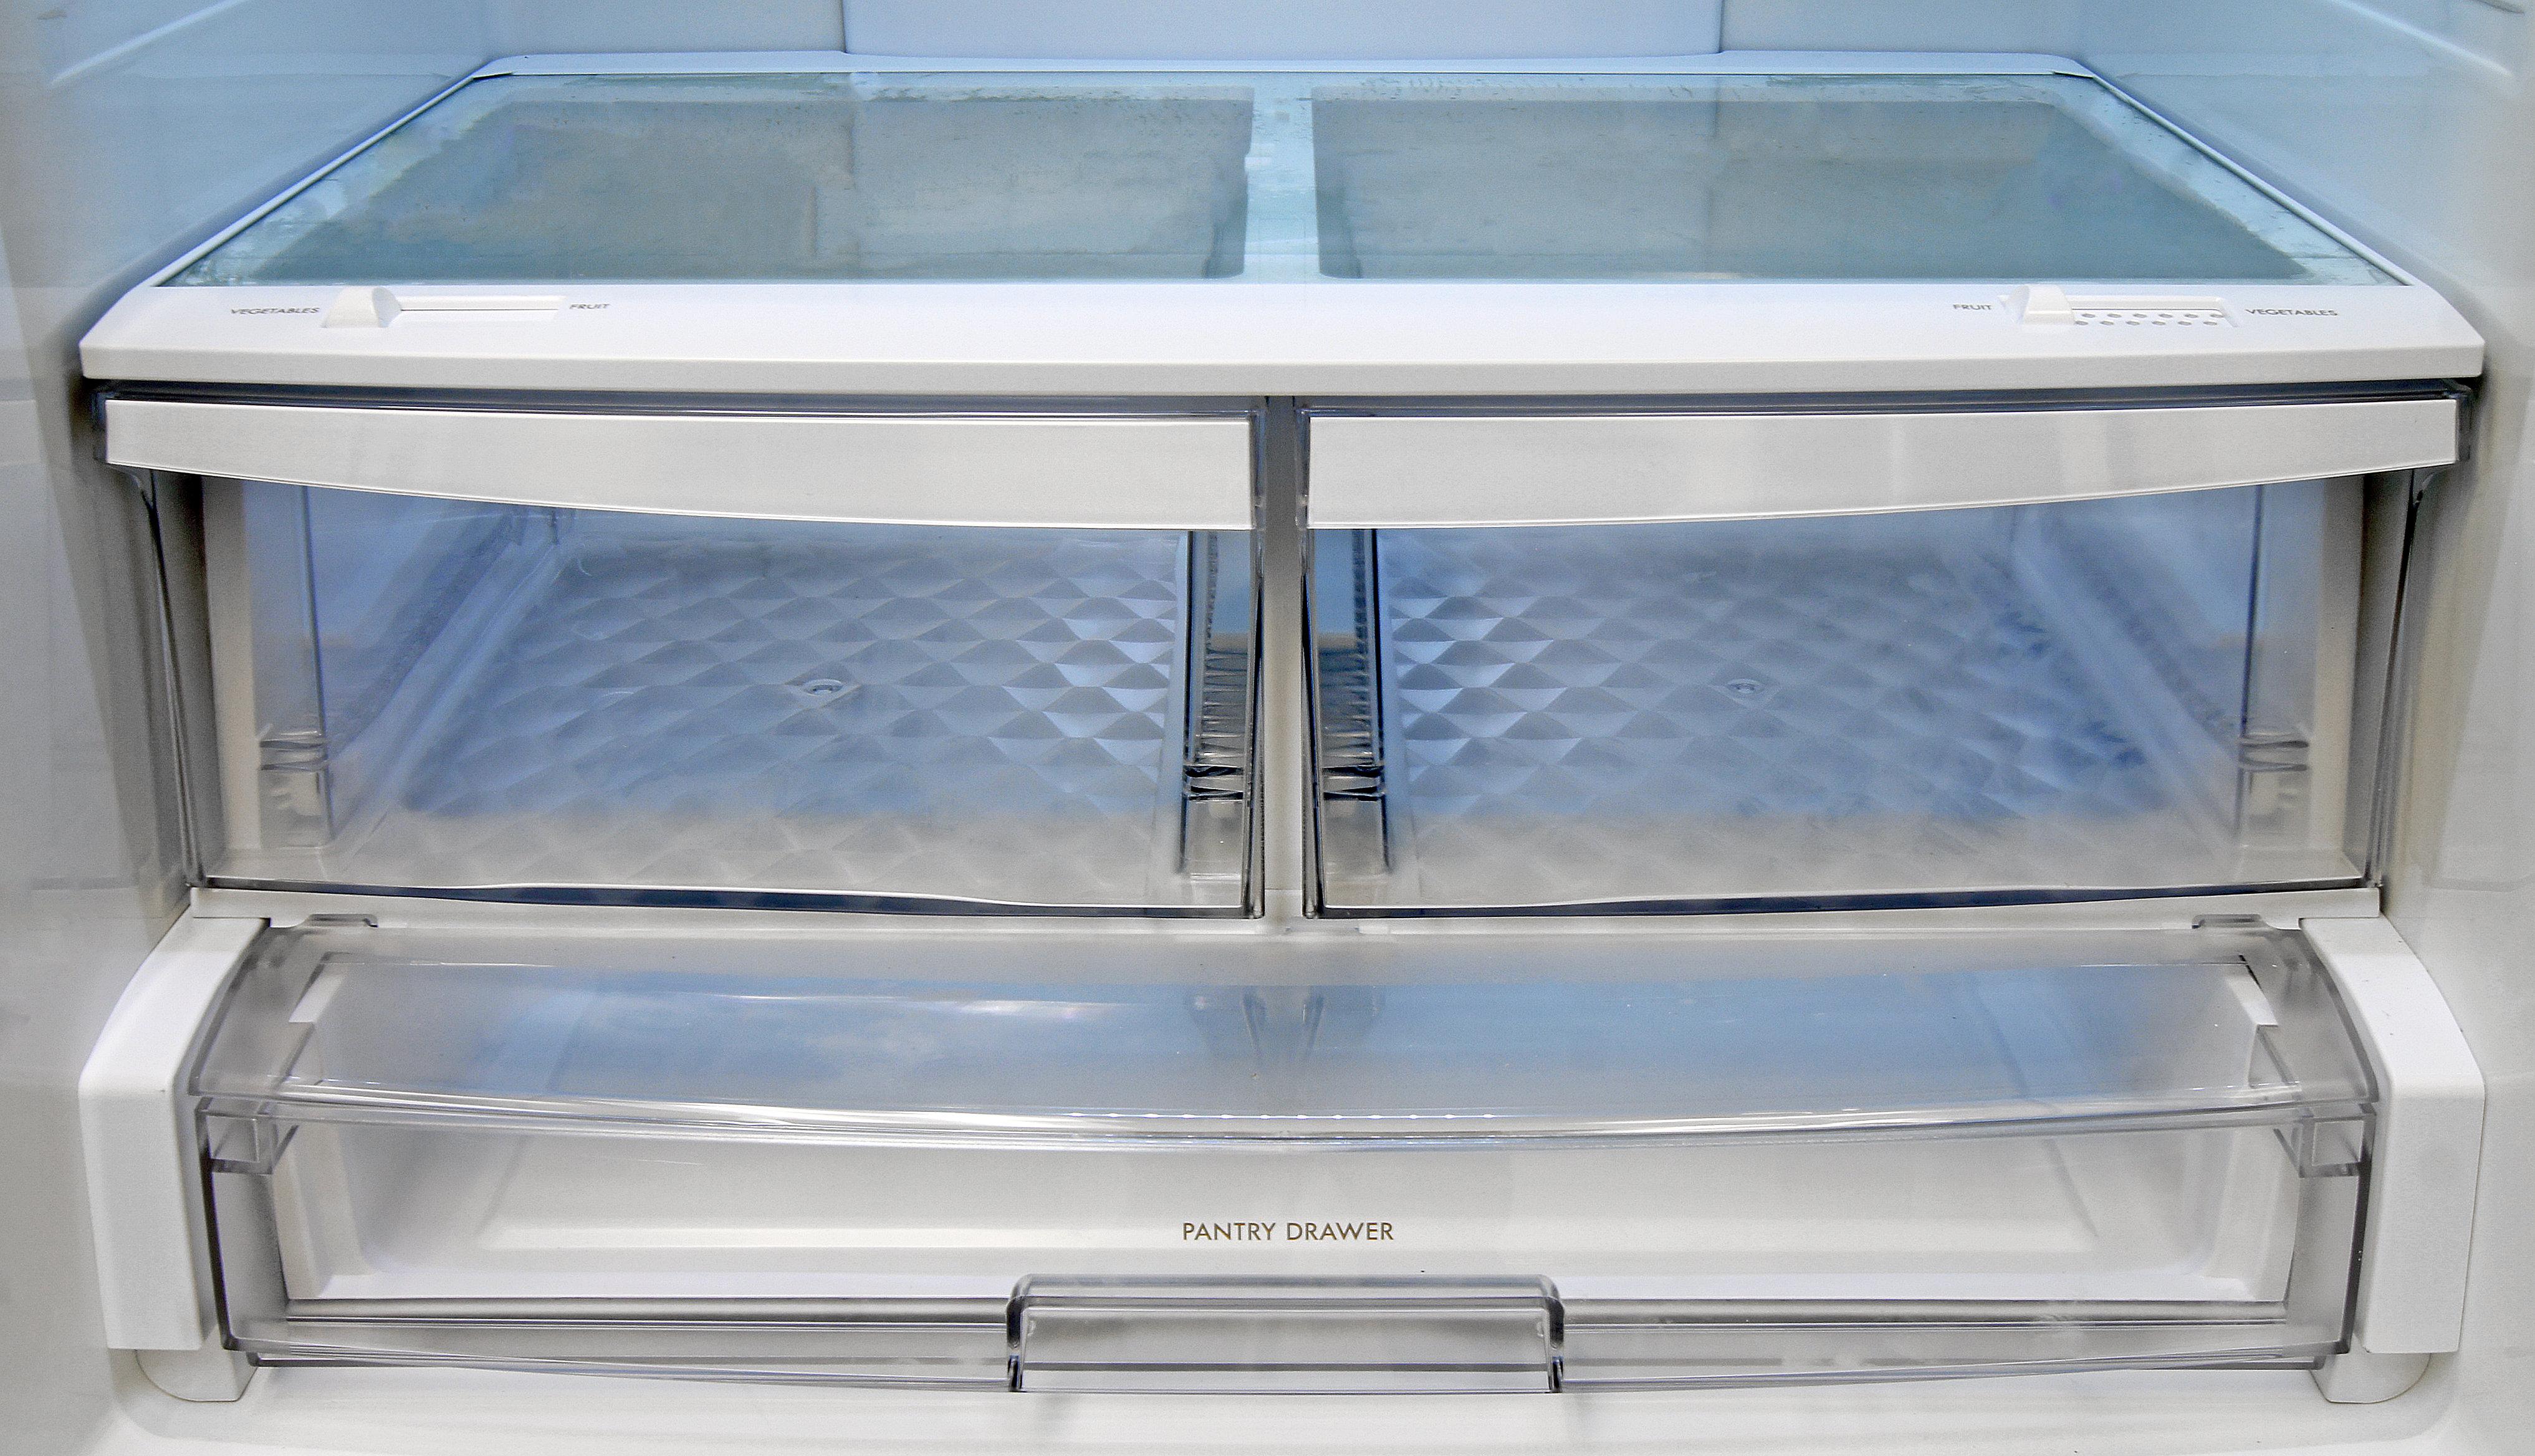 Kenmore elite refrigerator water line hookup